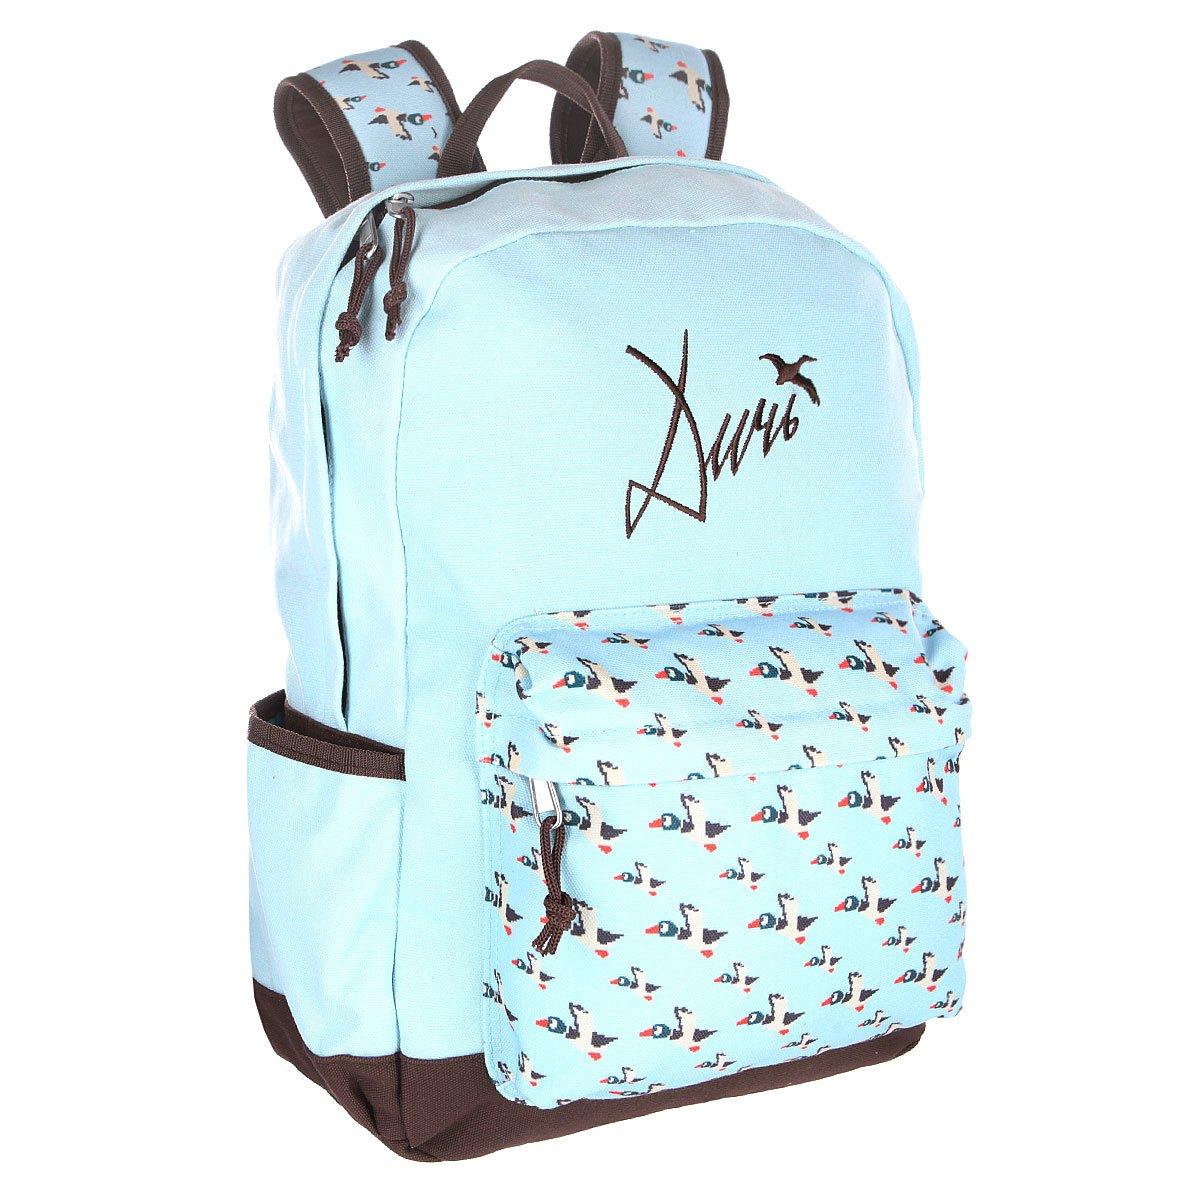 3007e1bd2229 Купить рюкзак городской запорожец дичь 86 бит Blue в интернет ...